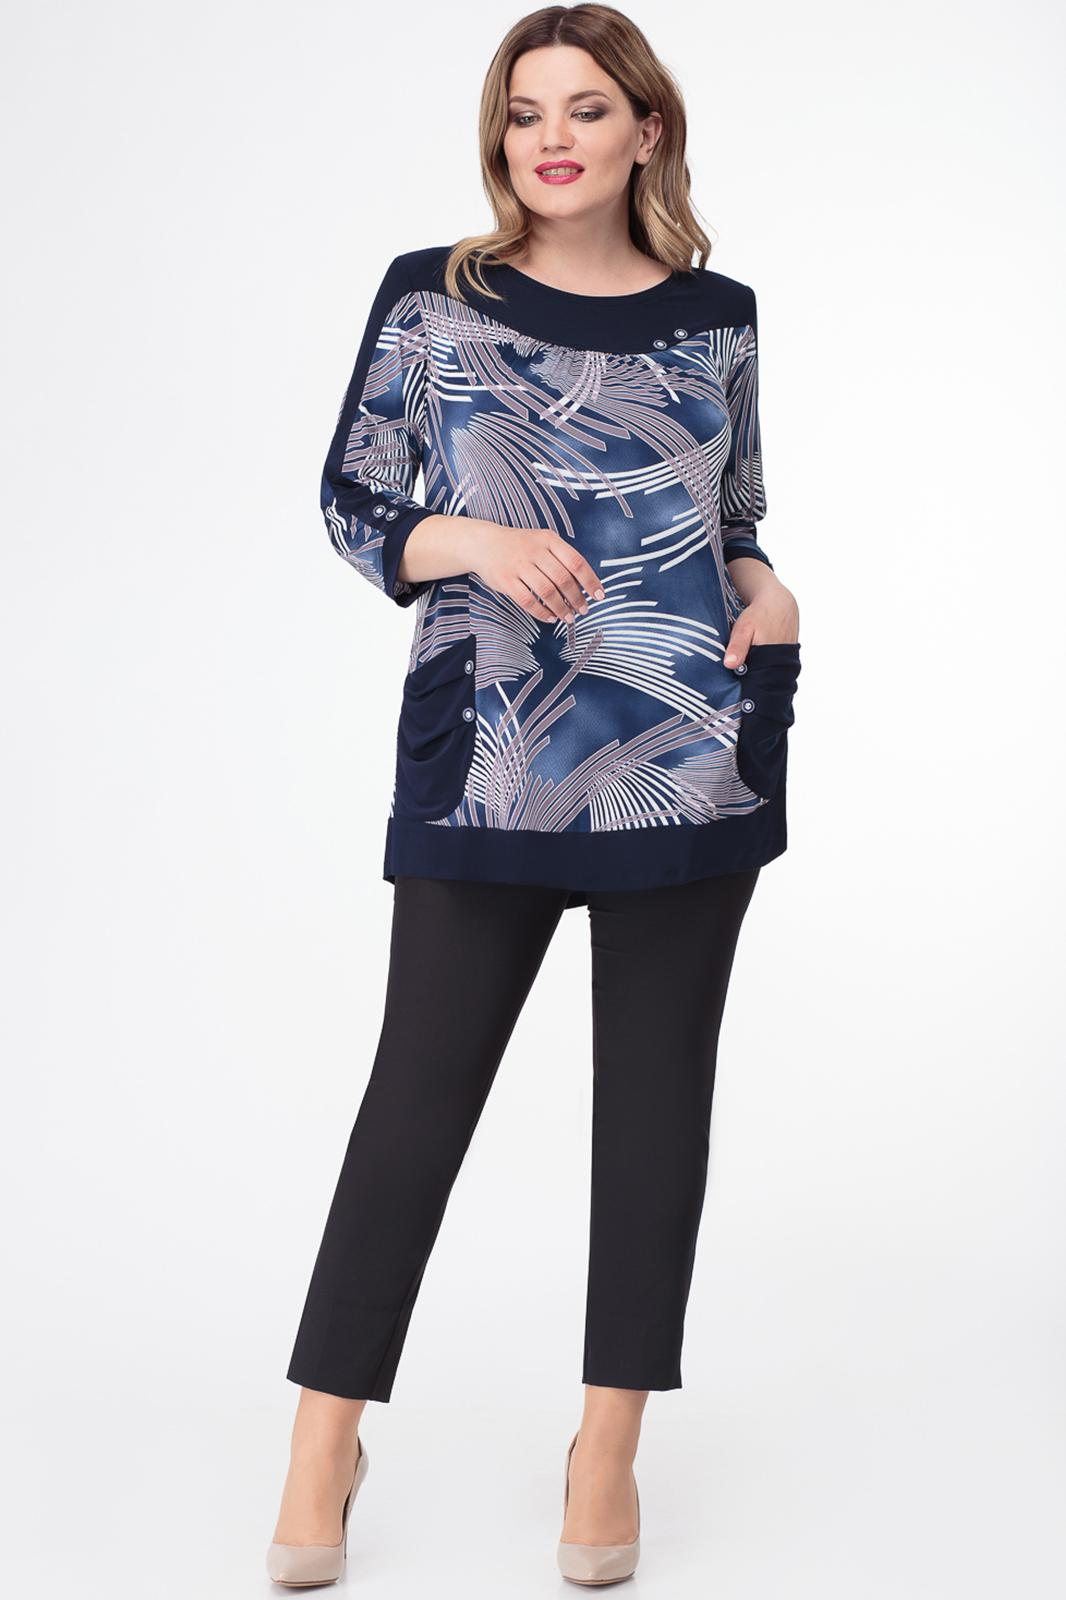 18997f15d6c Купить блузку большого размера в Минске. Блузки для полных женщин